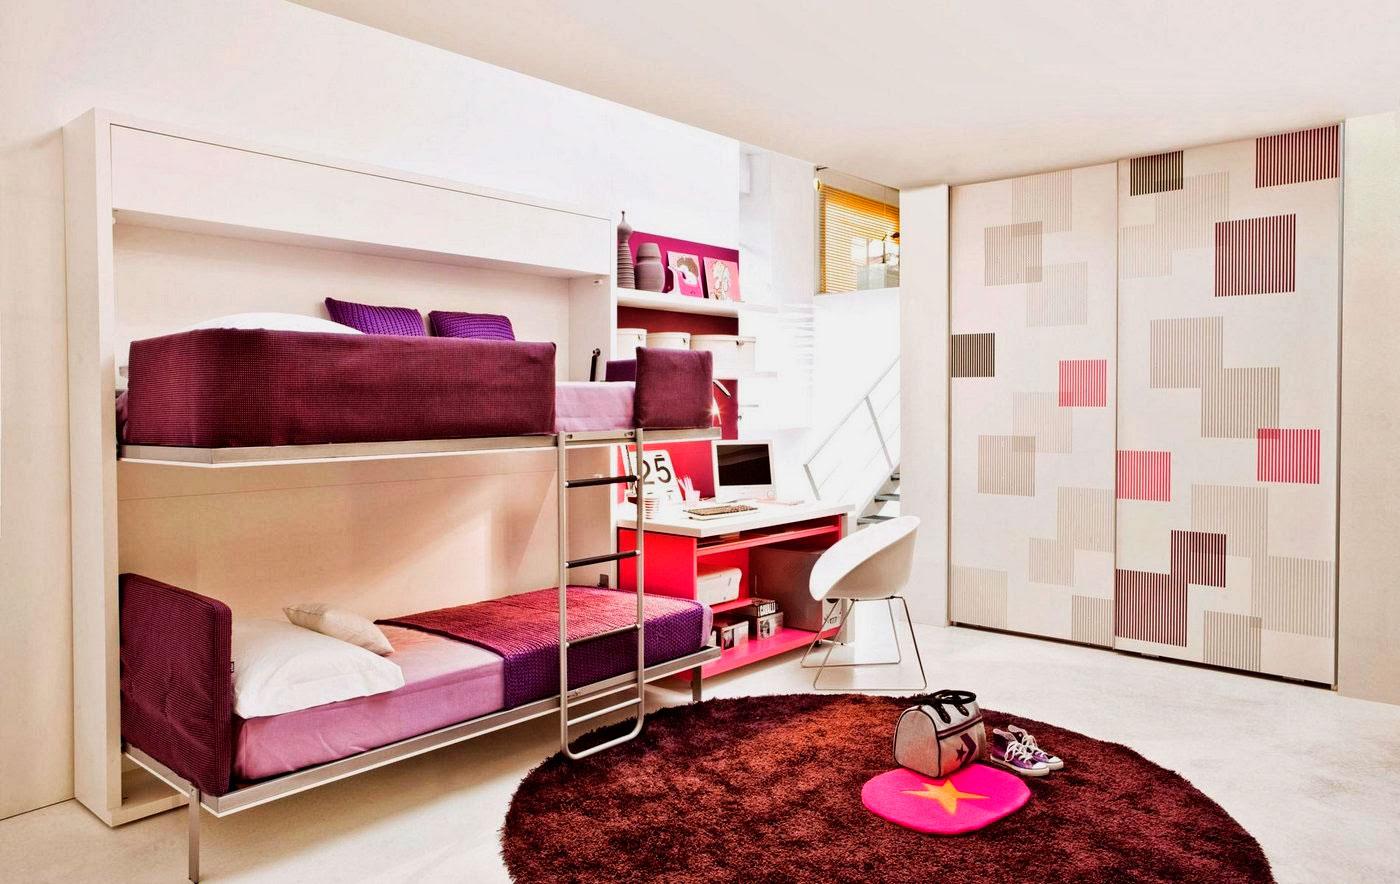 Двухъярусная кровать для подростков (18)